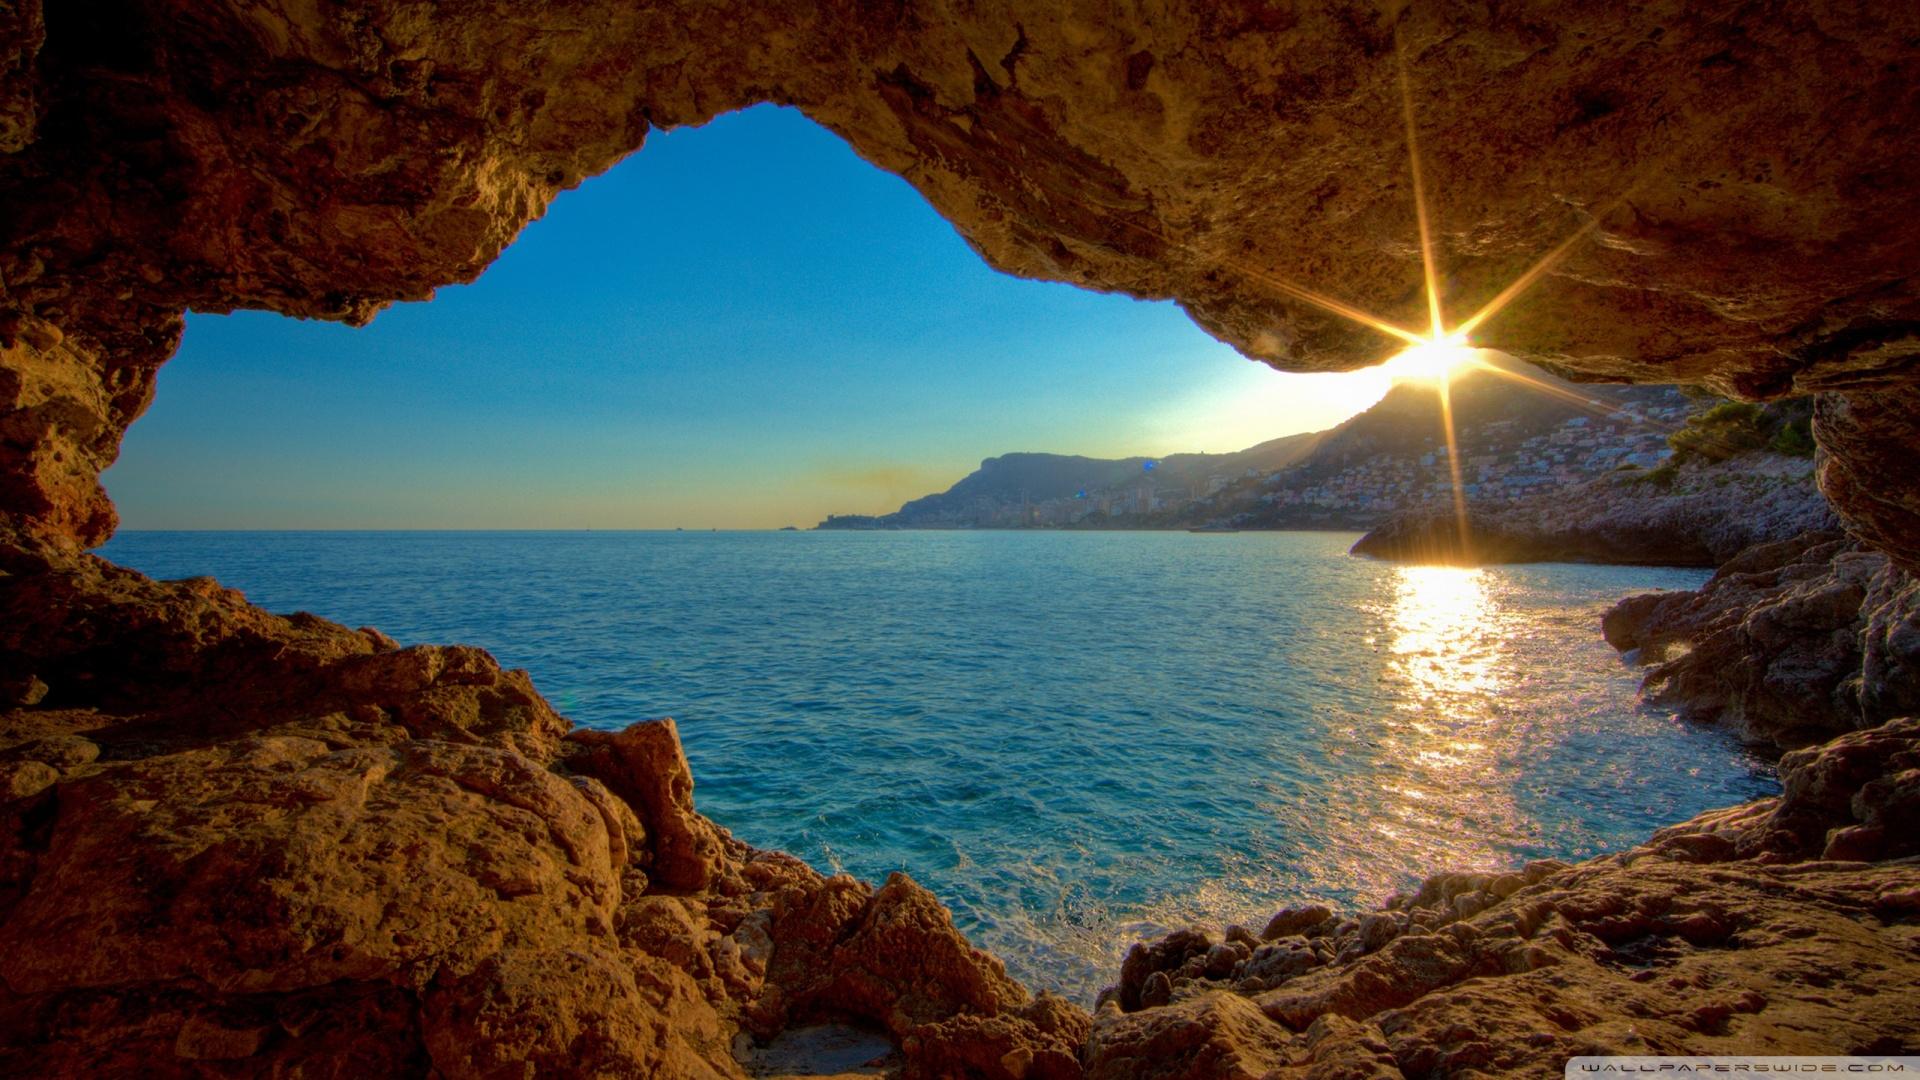 Sunshine Ocean HD desktop wallpaper : Widescreen : Fullscreen